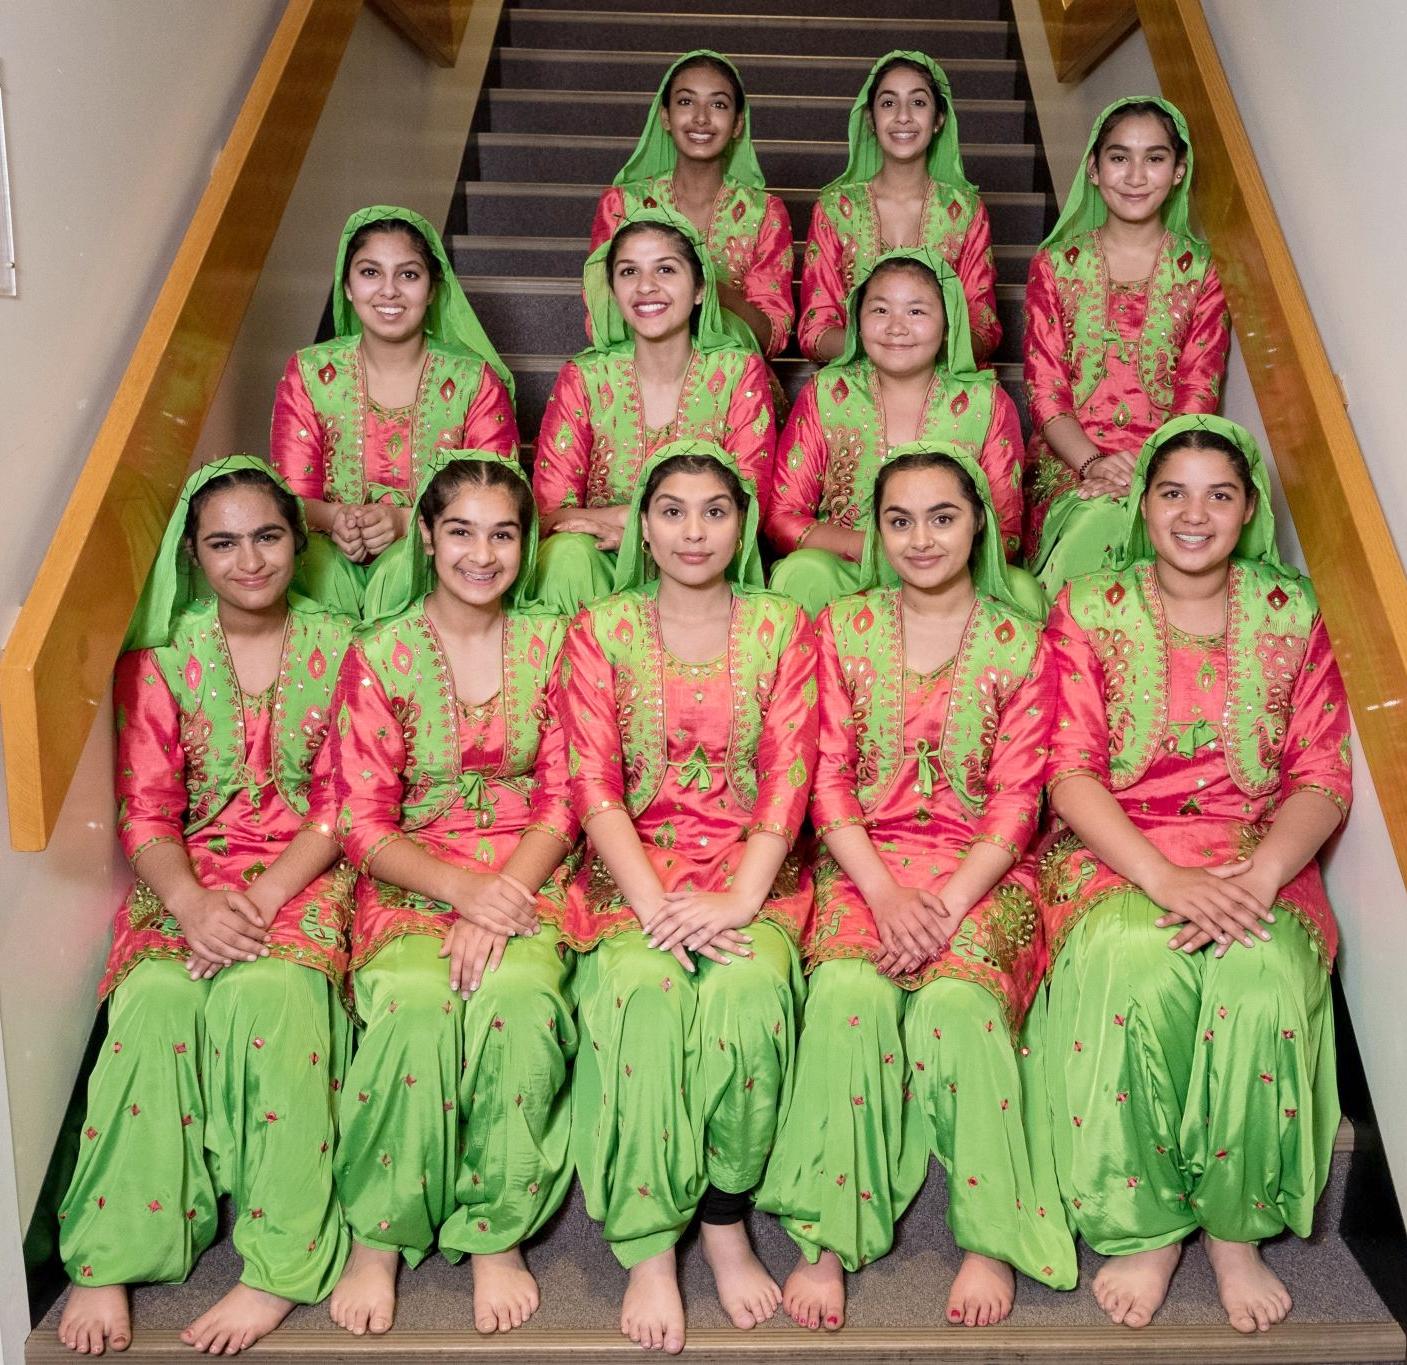 20180505 - Shan-e-Punjab 25th-0002.jpg